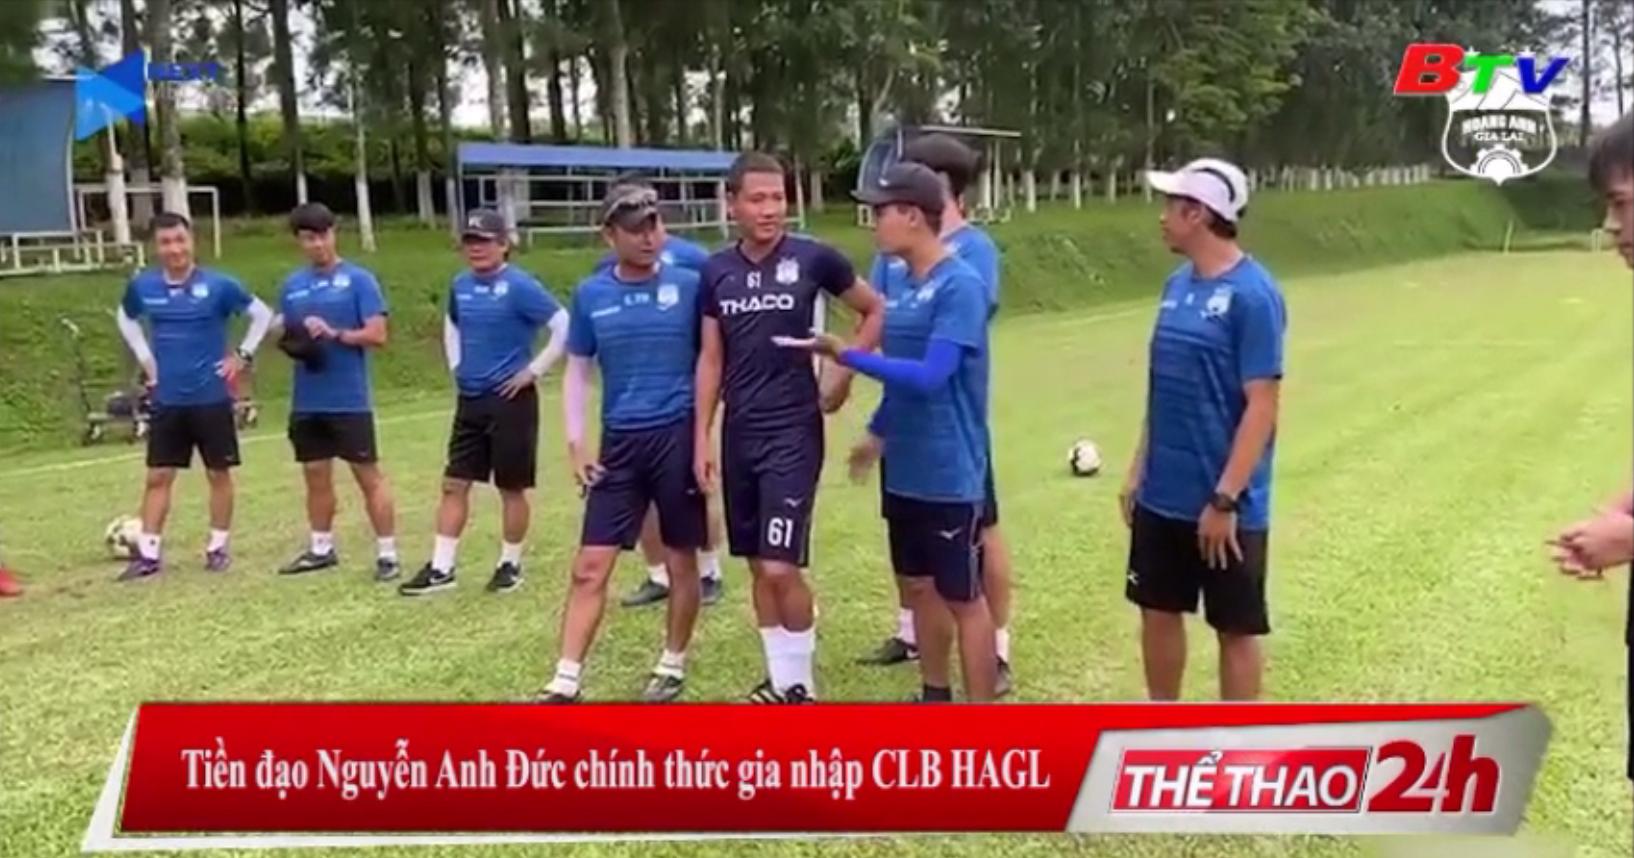 Tiền đạo Nguyễn Anh Đức chính thức gia nhập CLB HAGL